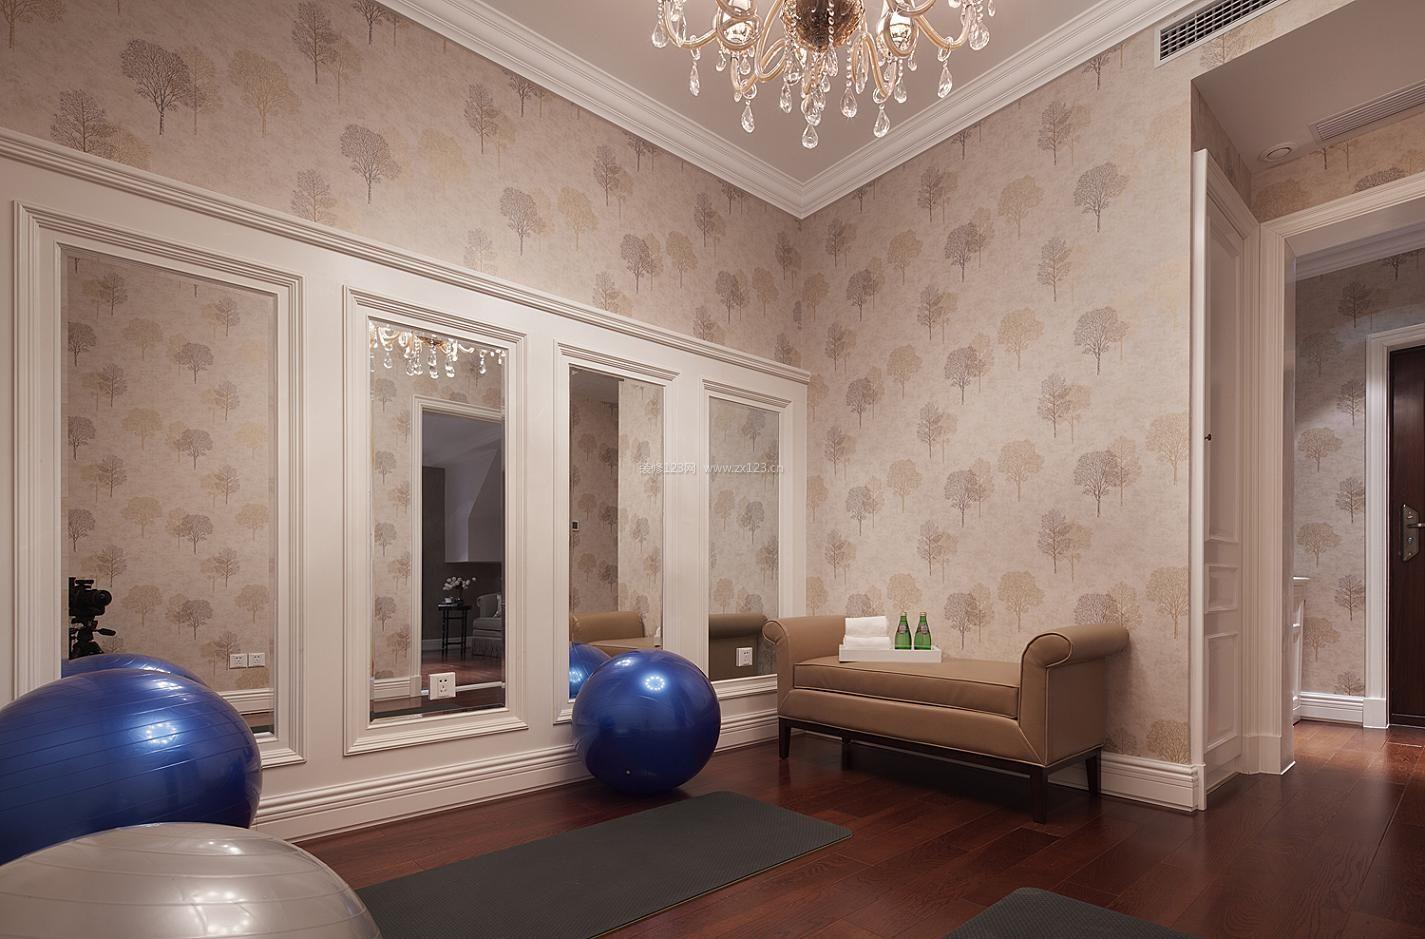 欧式别墅健身房装修效果图大全